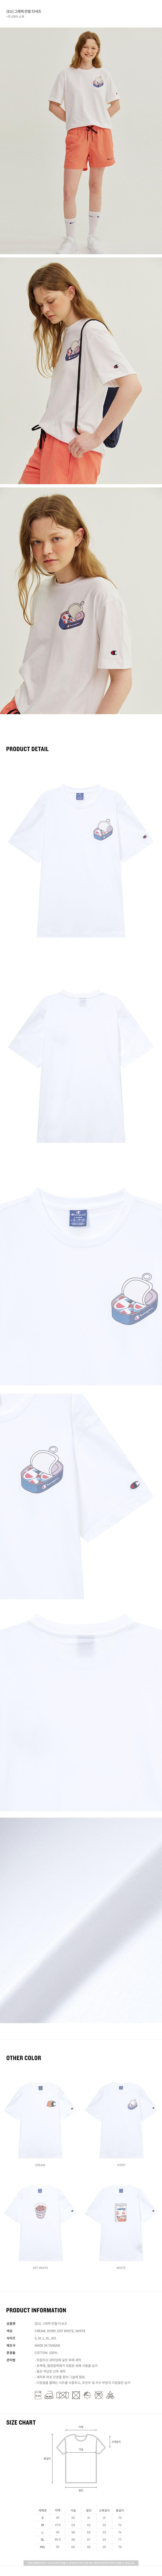 챔피온 유럽(CHAMPION EU) [EU] 그래픽 반팔 티셔츠 (IVORY) CKTS1E441IV